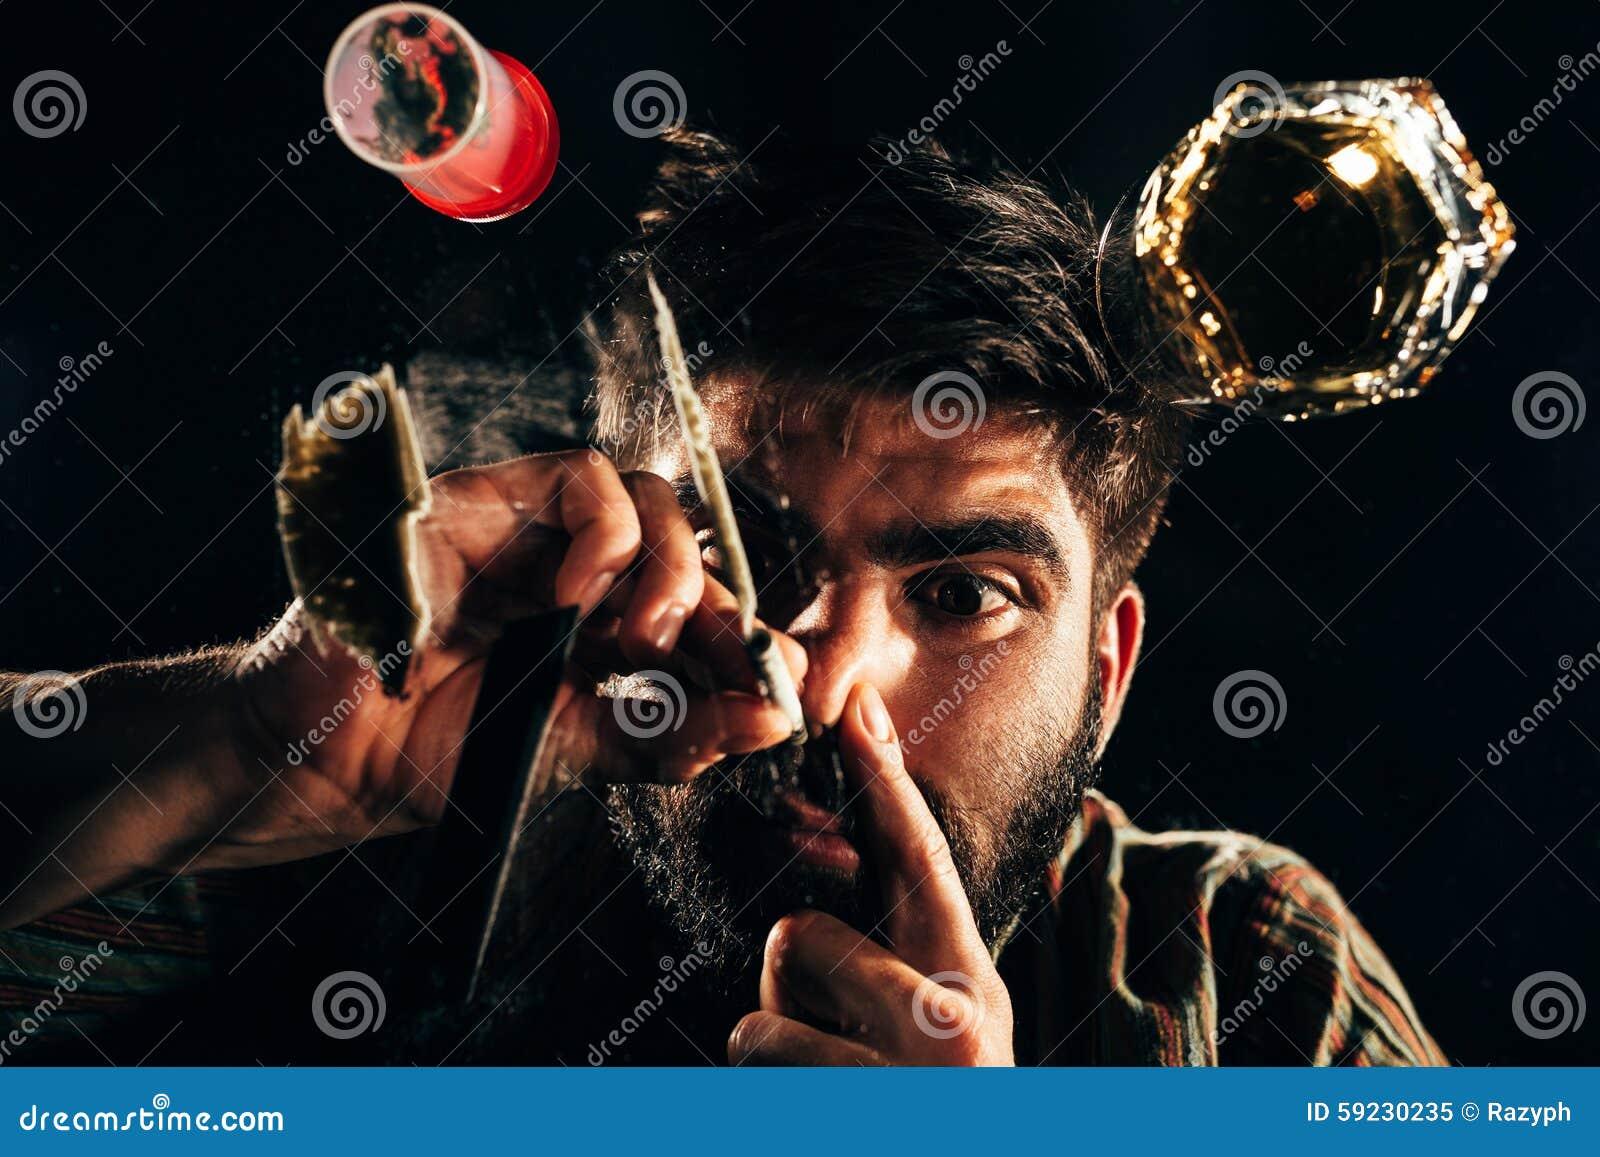 Download Hombre Que Huele Una Línea De Cocaína Imagen de archivo - Imagen de hombre, hábito: 59230235